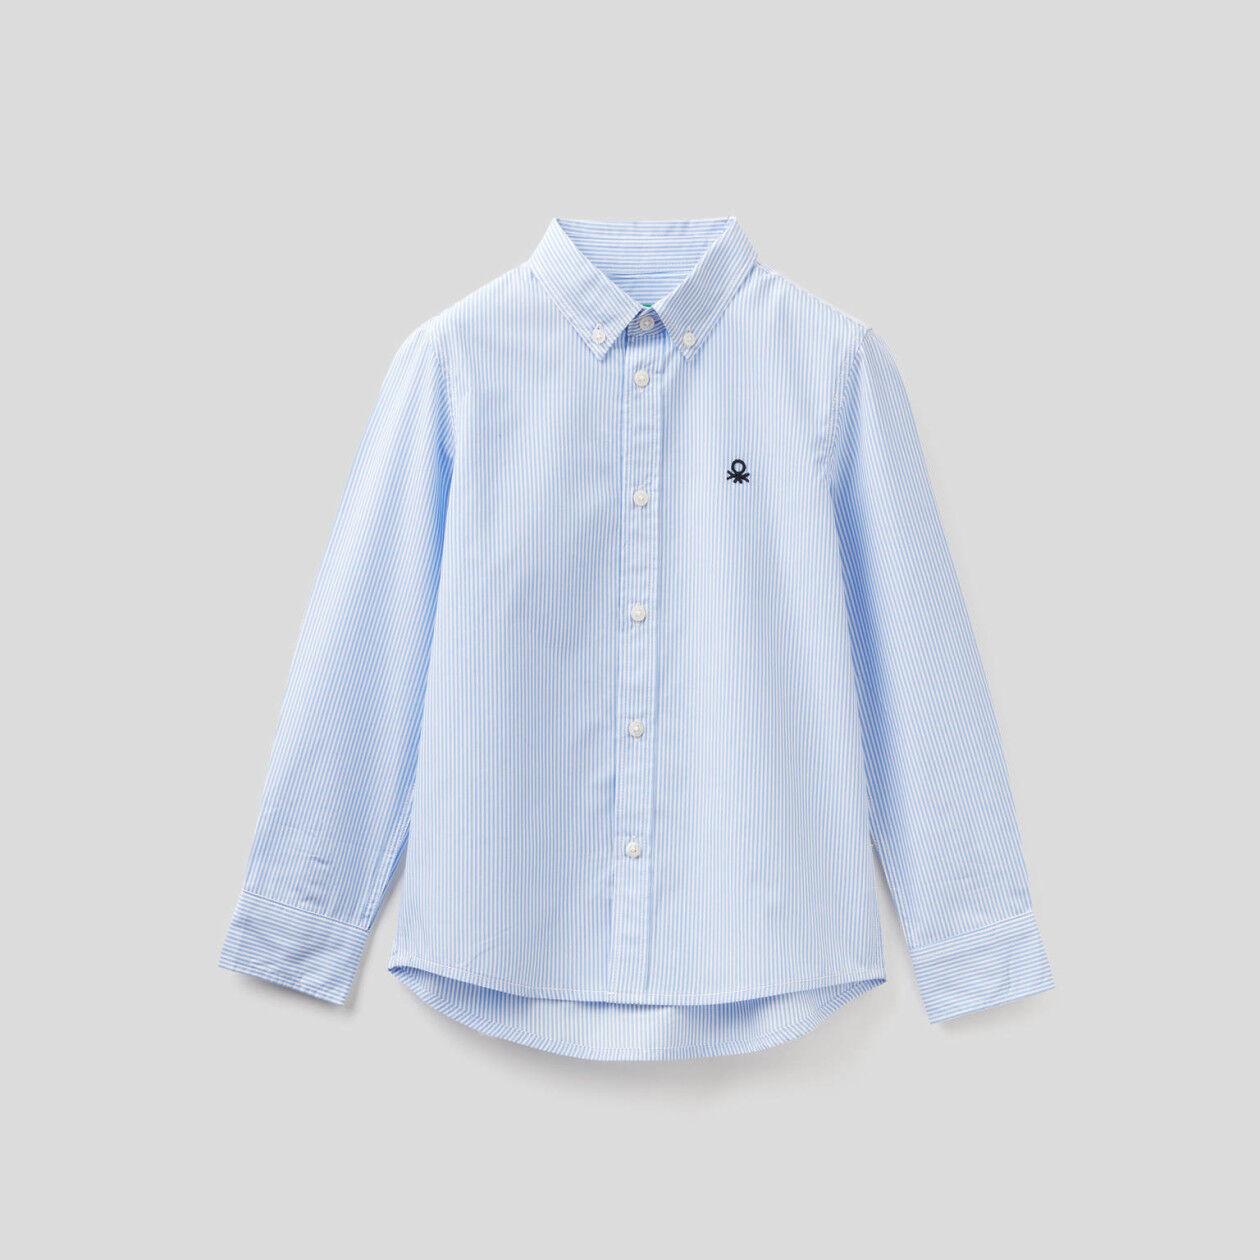 Camisa deportiva de rayas de algodón puro